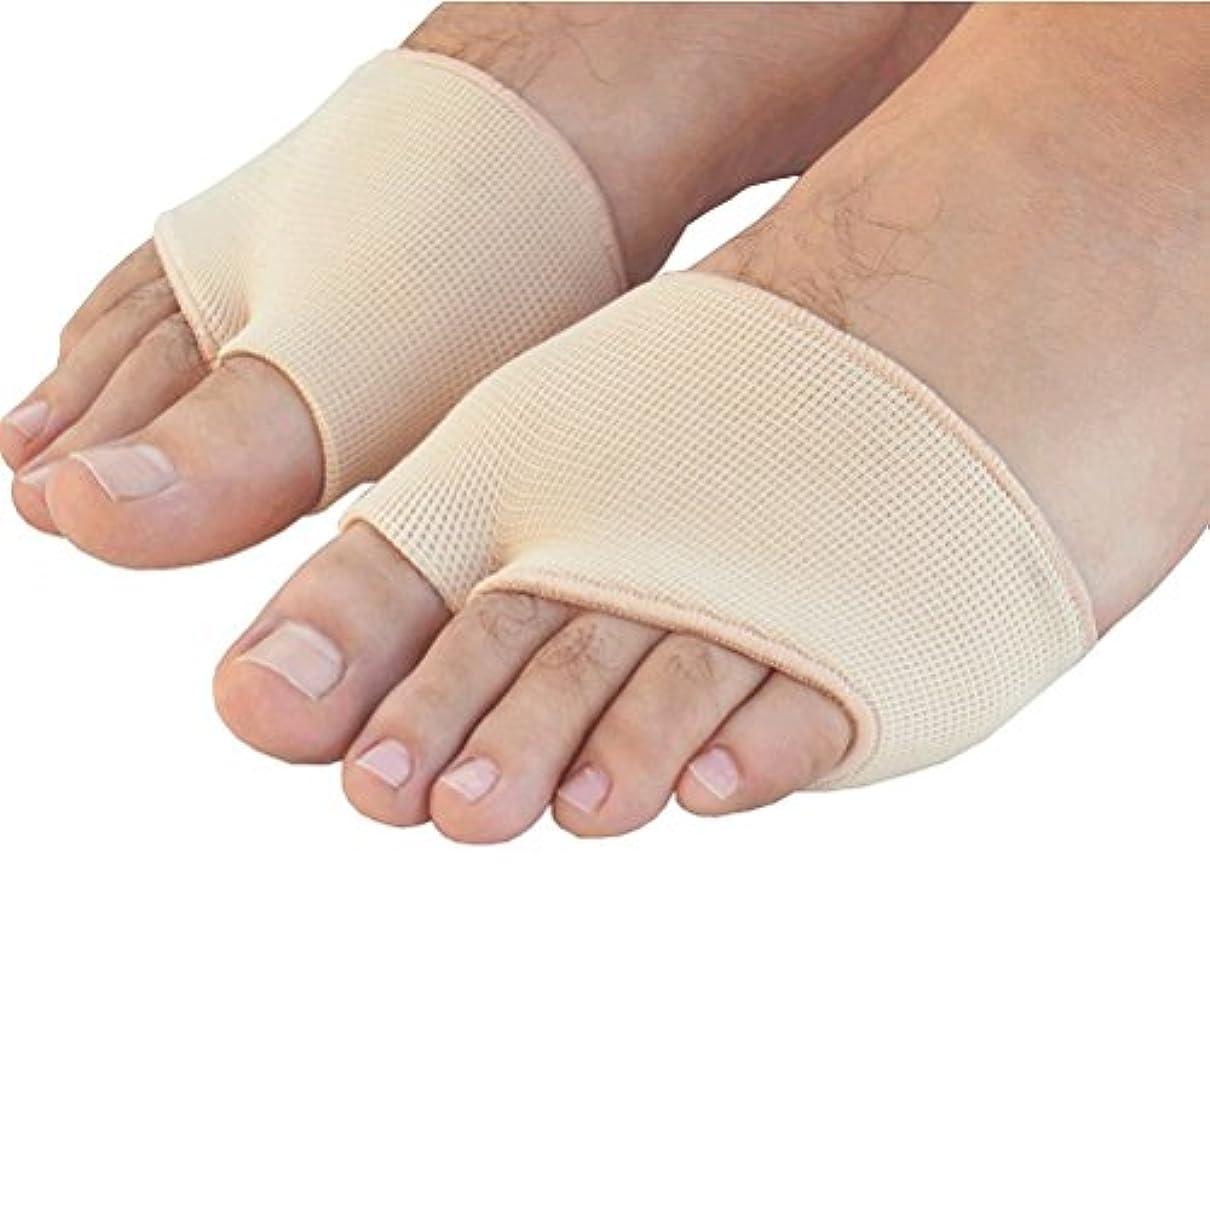 引き出し匿名つづりROSENICE ゲル前足中足骨の痛み救済吸収クッション パッド 足底筋膜炎インソール 衝撃吸収 サイズS(肌の色)